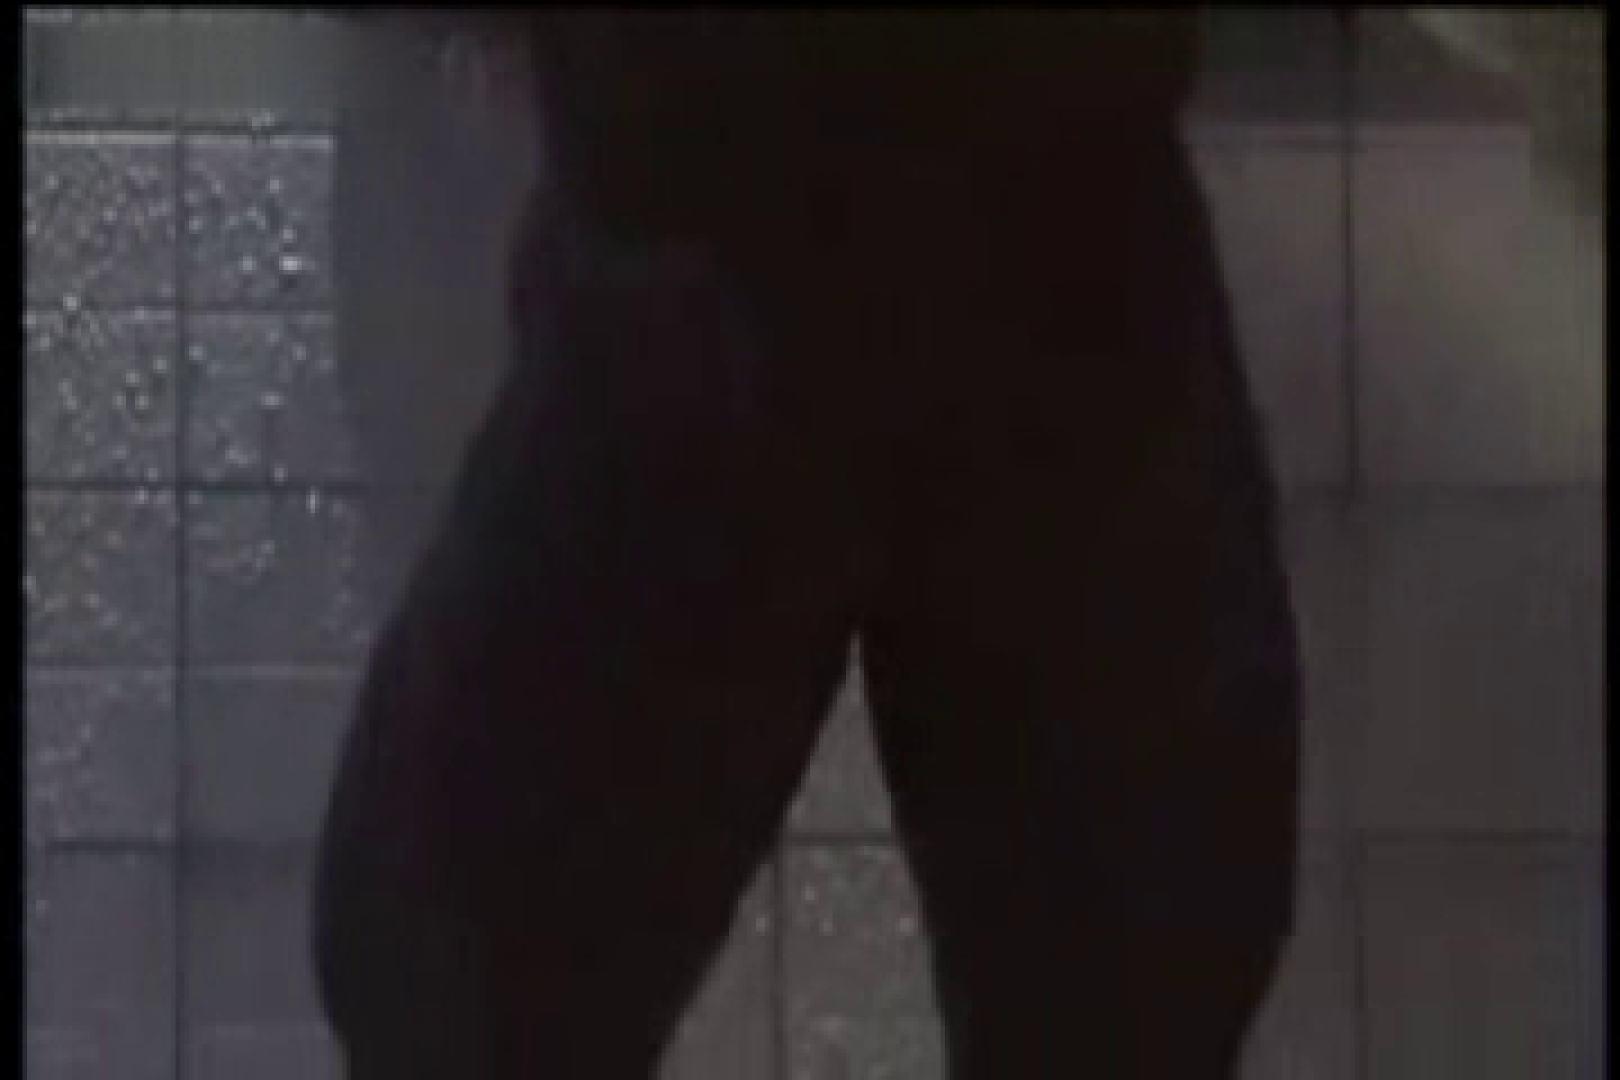 中出有名ゲイ雑誌★魅力●生★付録DVD収録スーパーモデルヌードvol9 モデル   イメージ (sex) アダルトビデオ画像キャプチャ 112枚 26